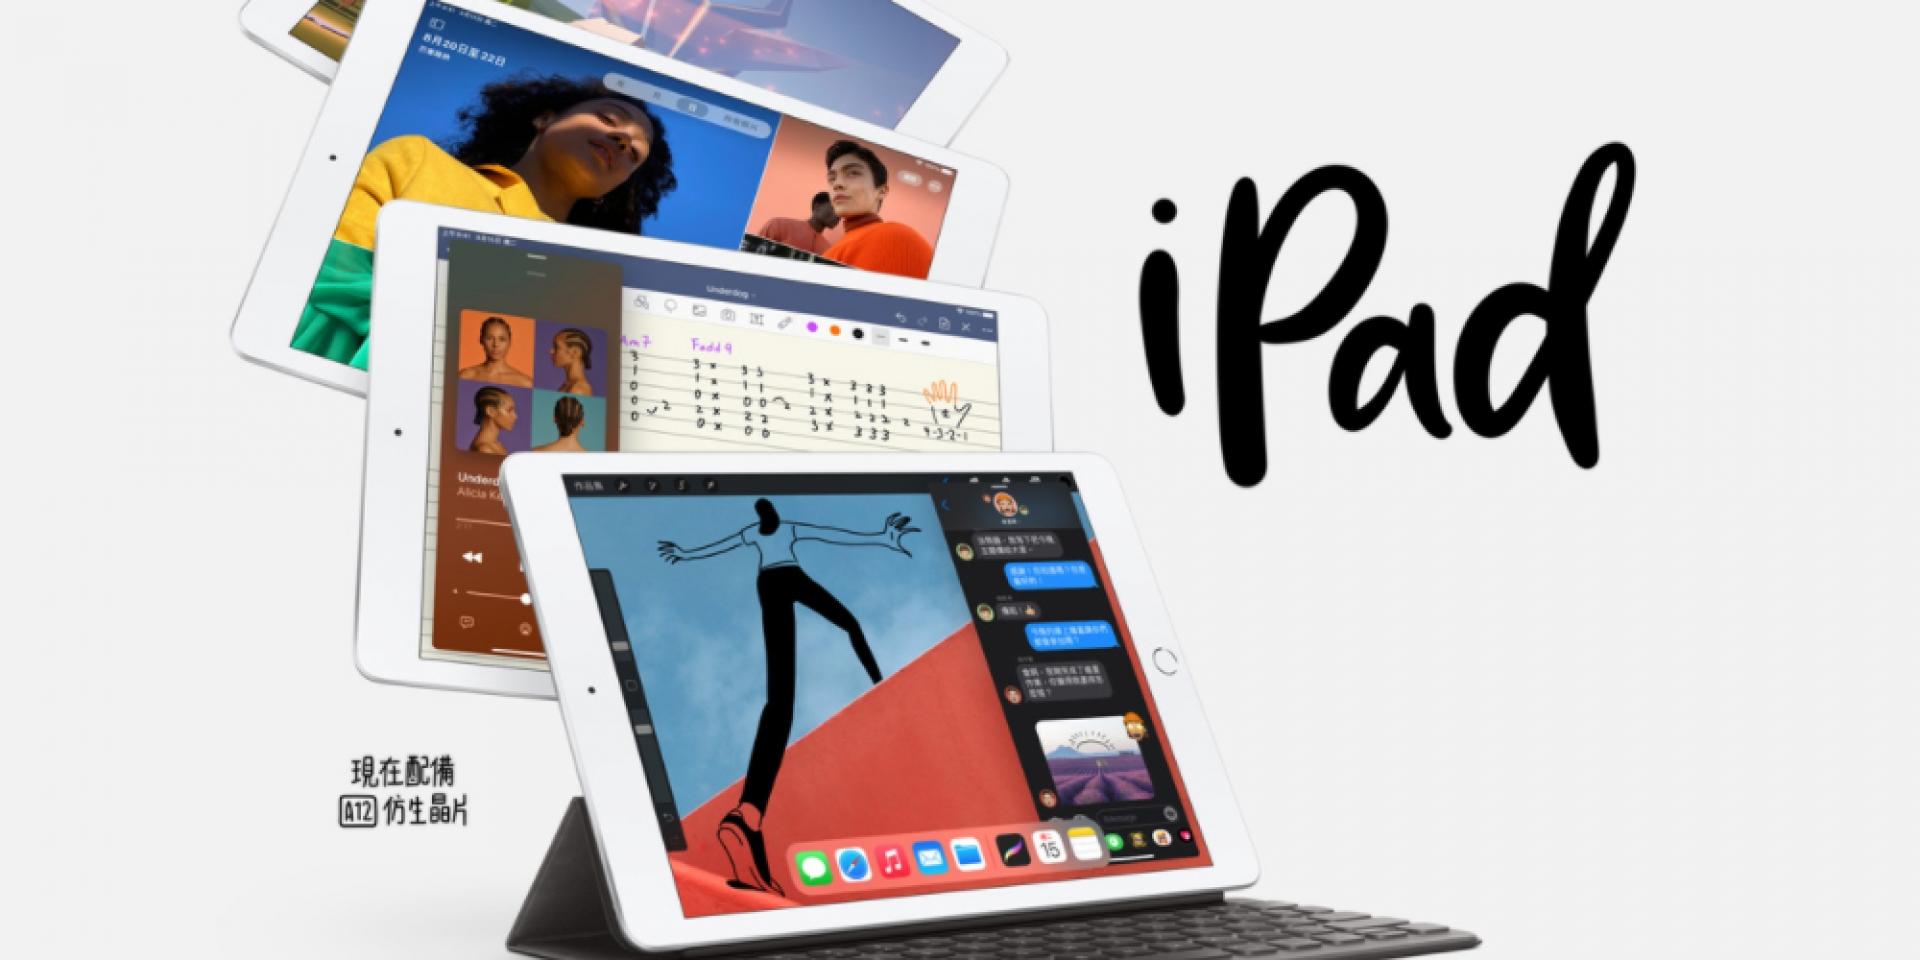 升級A12晶片還降價400元!APPLE  iPad 10,500元起正式發表